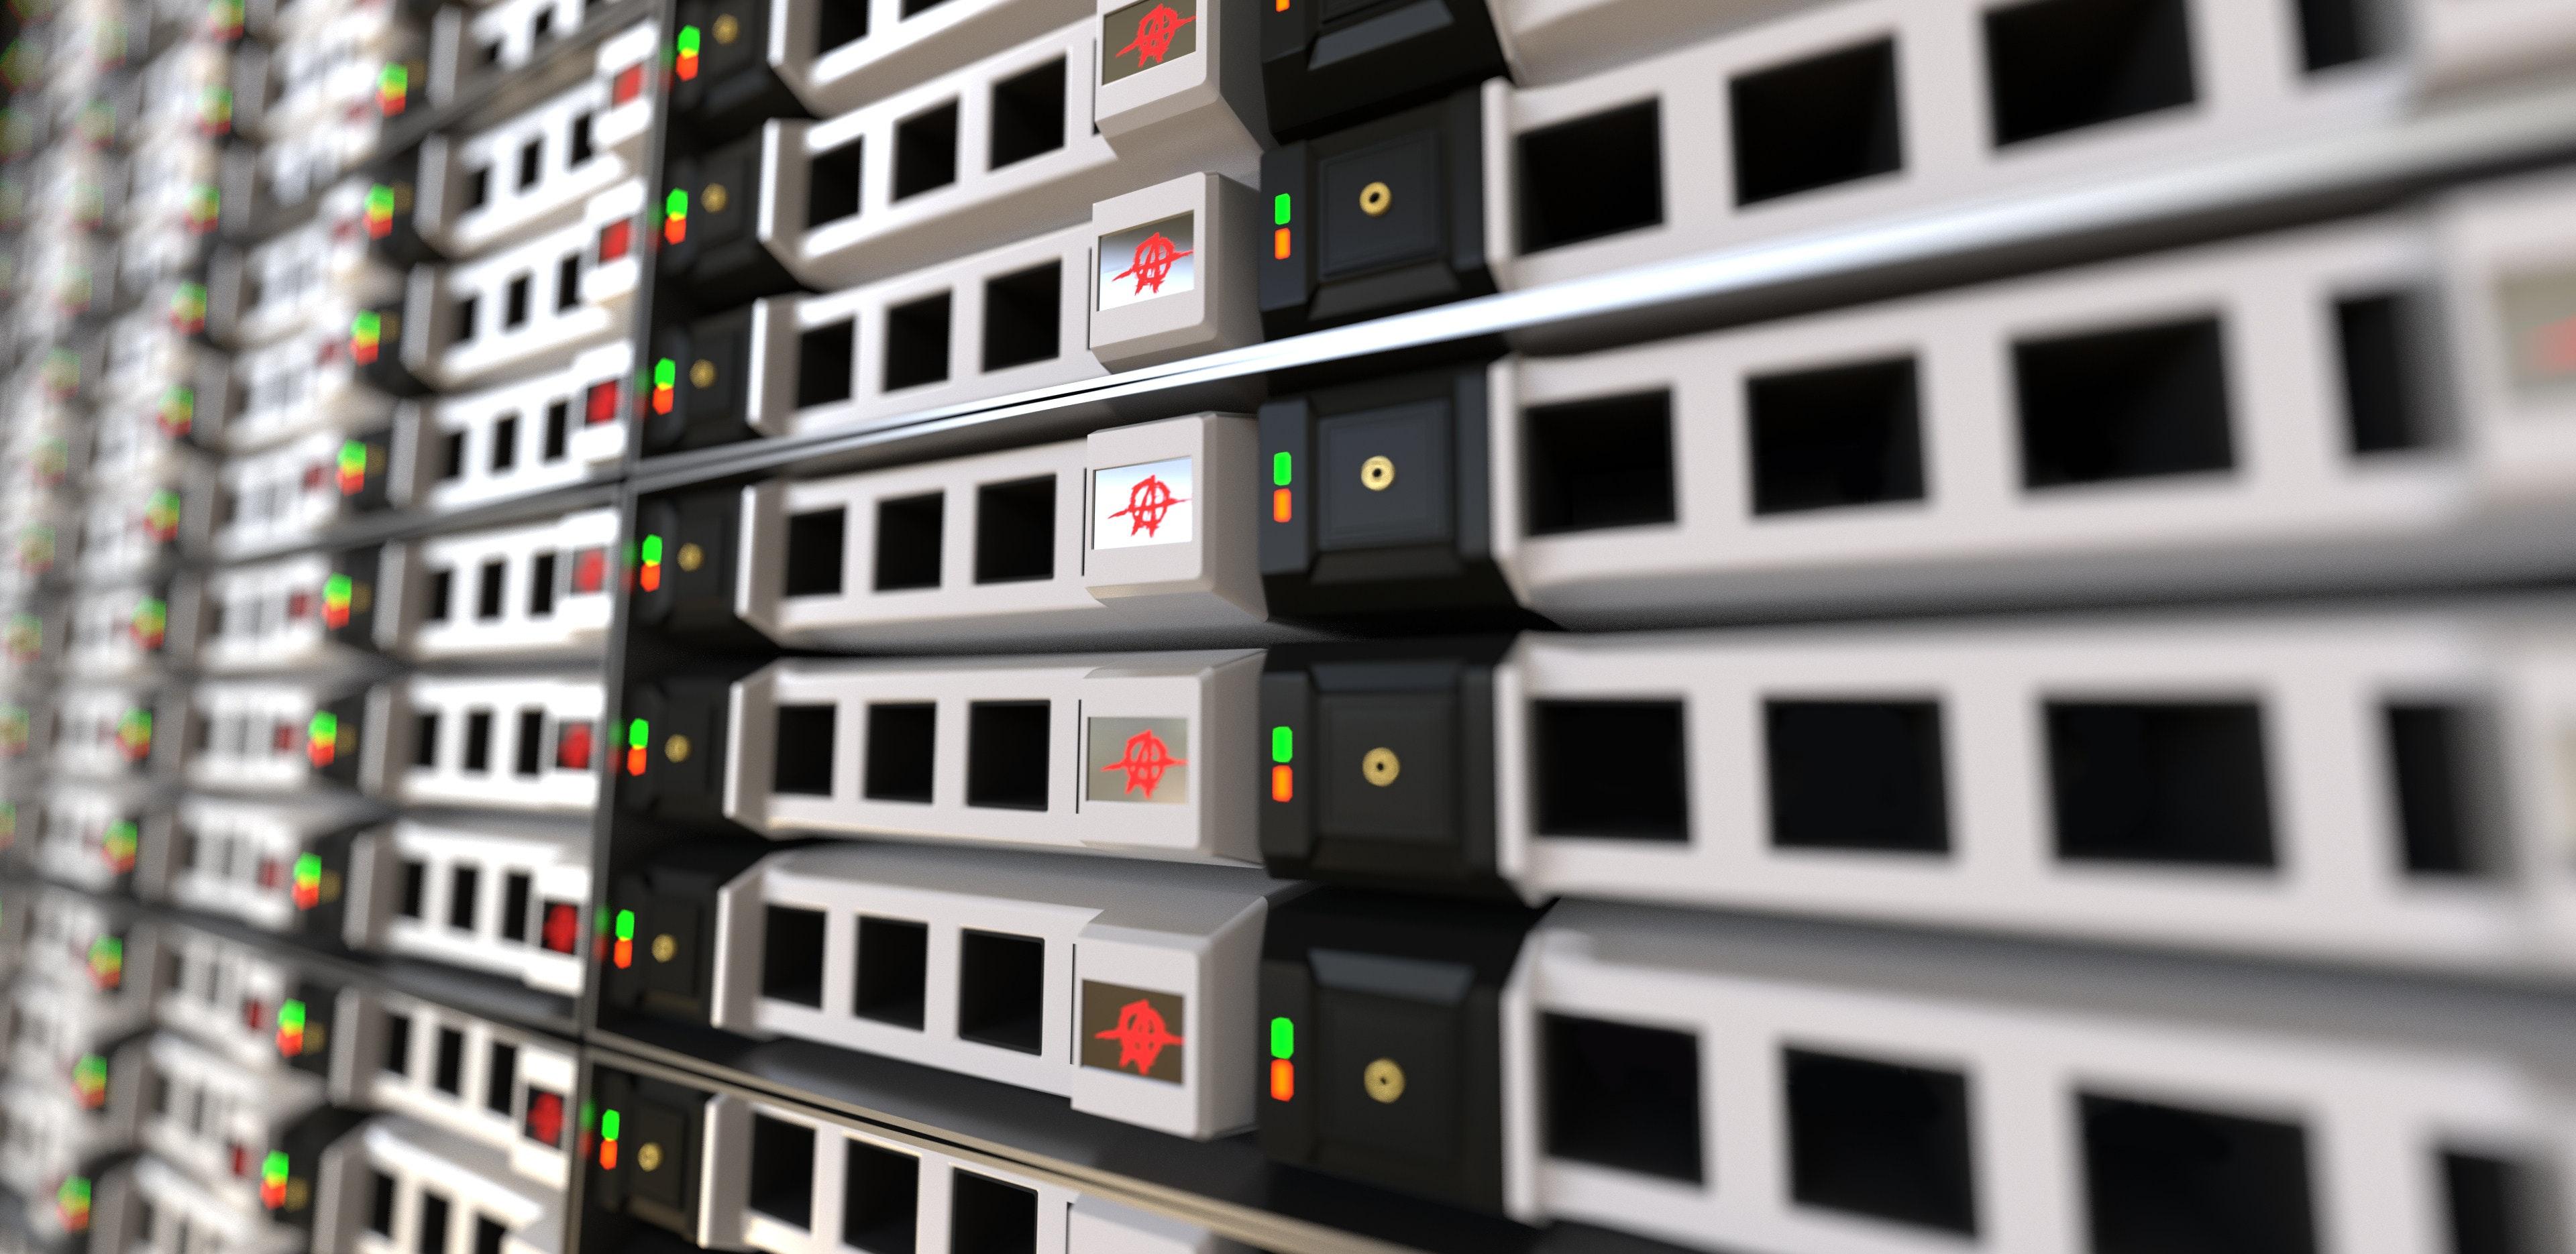 Nå kan du tjene digitalvaluta på lagringsplass - er det tradisjonelle nettet på vei bort?